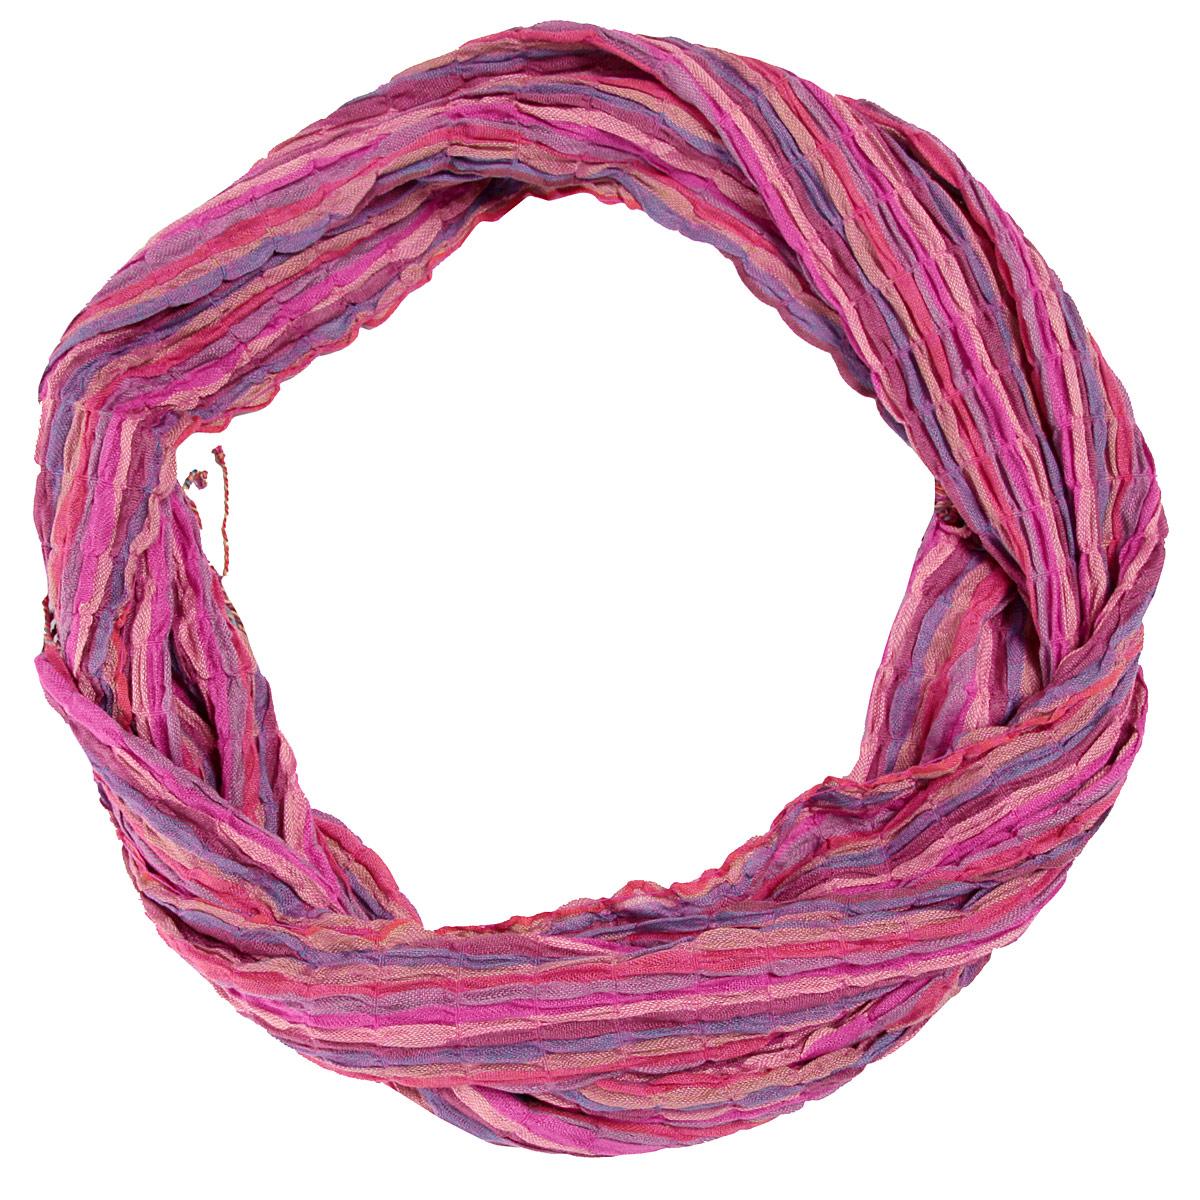 Шарф женский. 128075н128075нСтильный женский шарф Ethnica выполнен из мягкой вискозы с жатым эффектом. Ткань прекрасно драпируется и дарит чувство комфорта. Шарф добавит оригинальности вашему образу. Края изделия оформлены кисточками. Если вы любите фантазировать и не страшитесь экспериментов с собственным имиджем - попробуйте превратить шарф в головную повязку или легкий аксессуар для дамской сумочки. Правильно подобранный шарф делает образ женщины завершенным! Такой аксессуар достойно дополнит ваш гардероб.